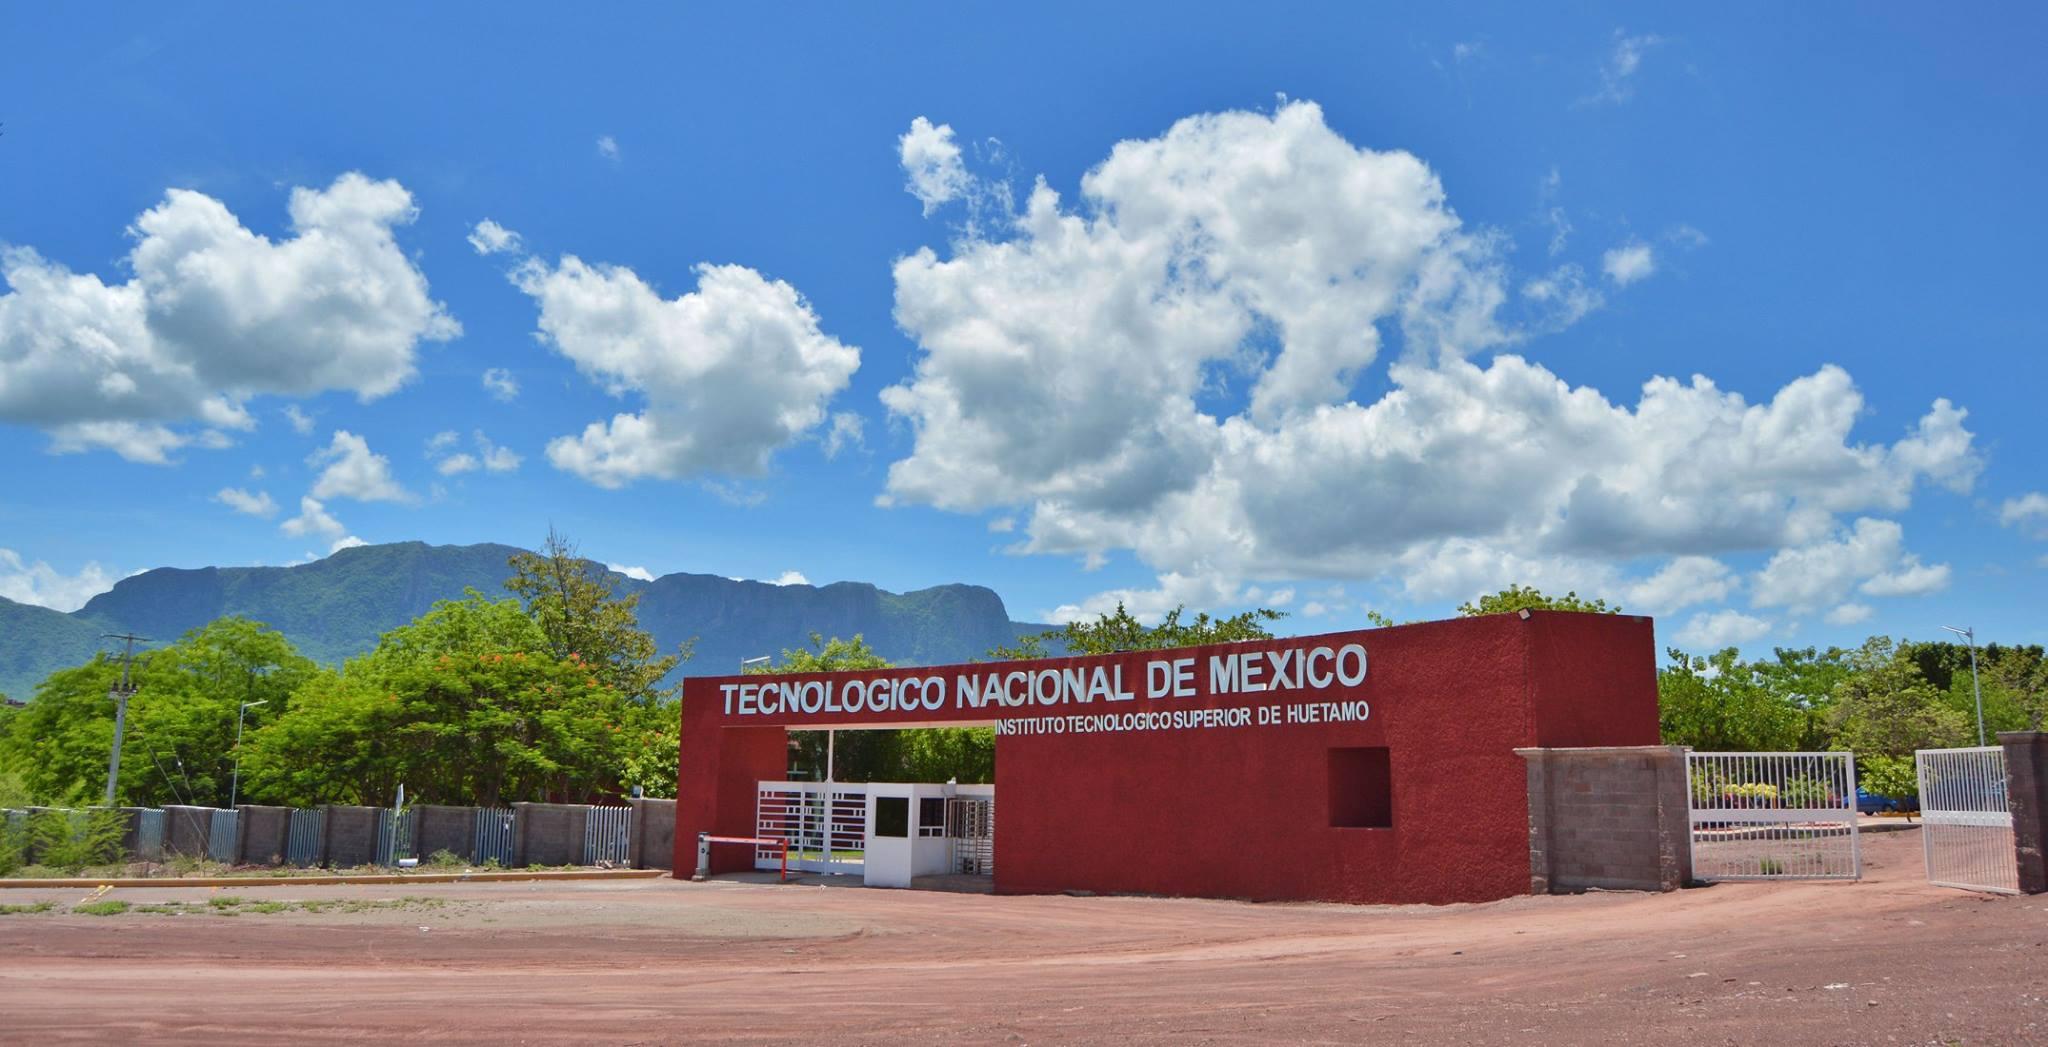 Instituto Tecnológico Superior de Huetamo – ITSH Campus